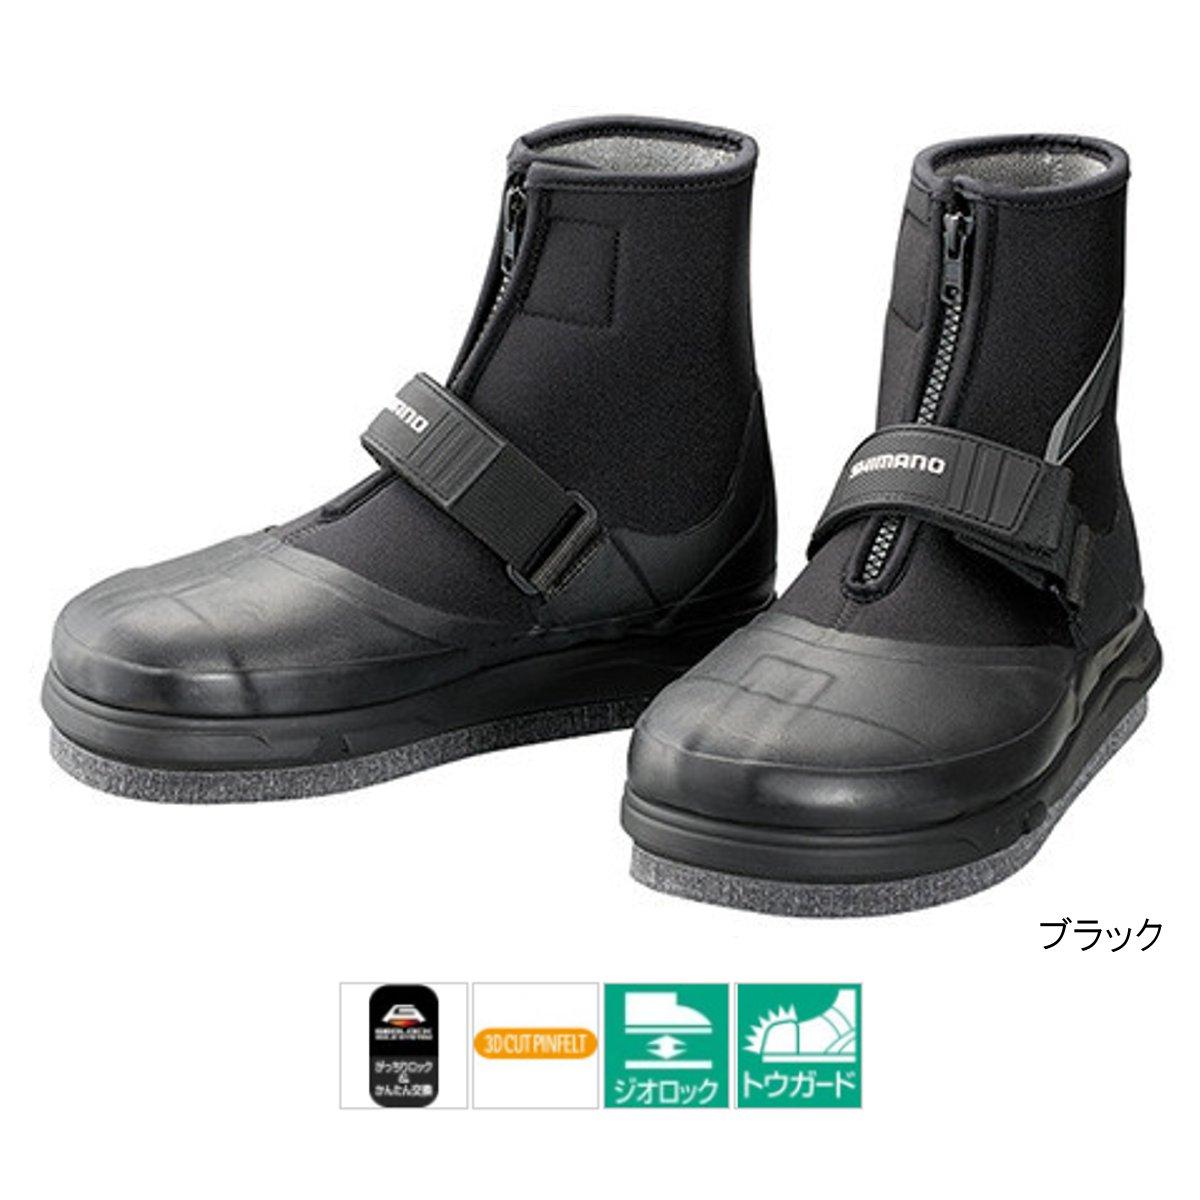 シマノ ジオロック・3Dカットピンフェルト鮎タビ(中割) TA-061R M ブラック【送料無料】